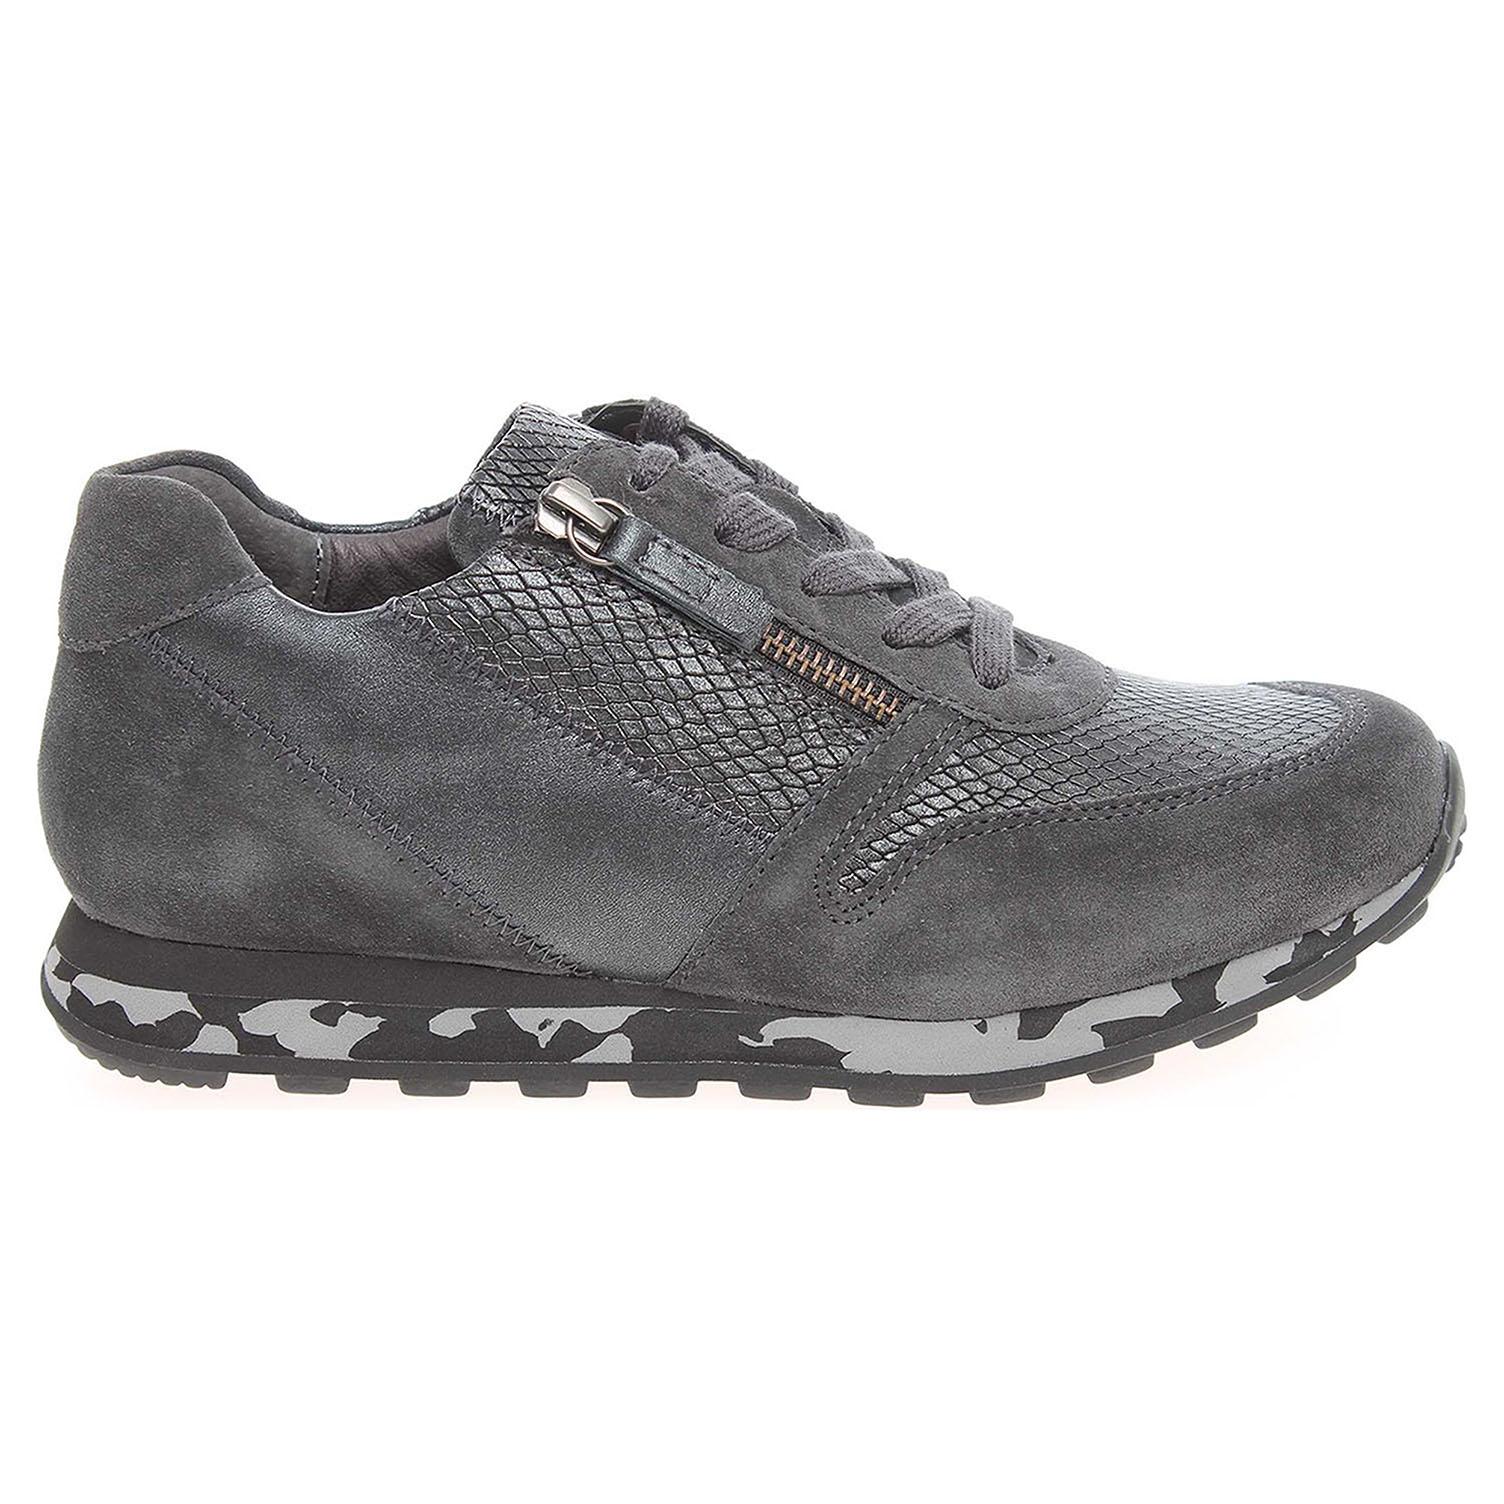 Ecco Gabor dámská obuv 56.368.26 šedá 23200558